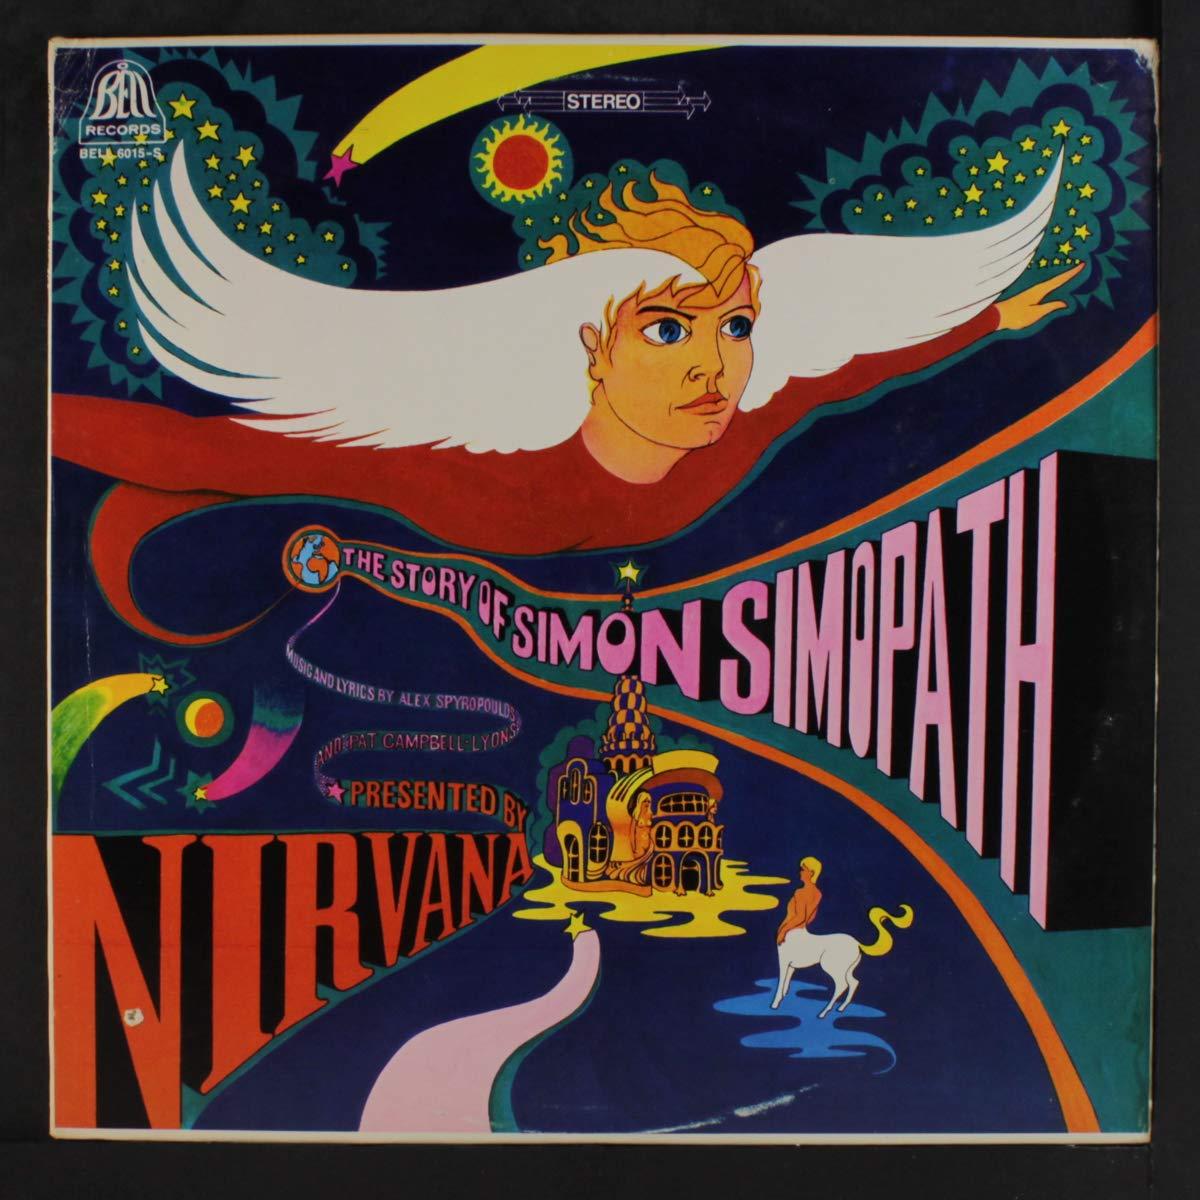 Resultado de imagen de nirvana uk simon simpotah